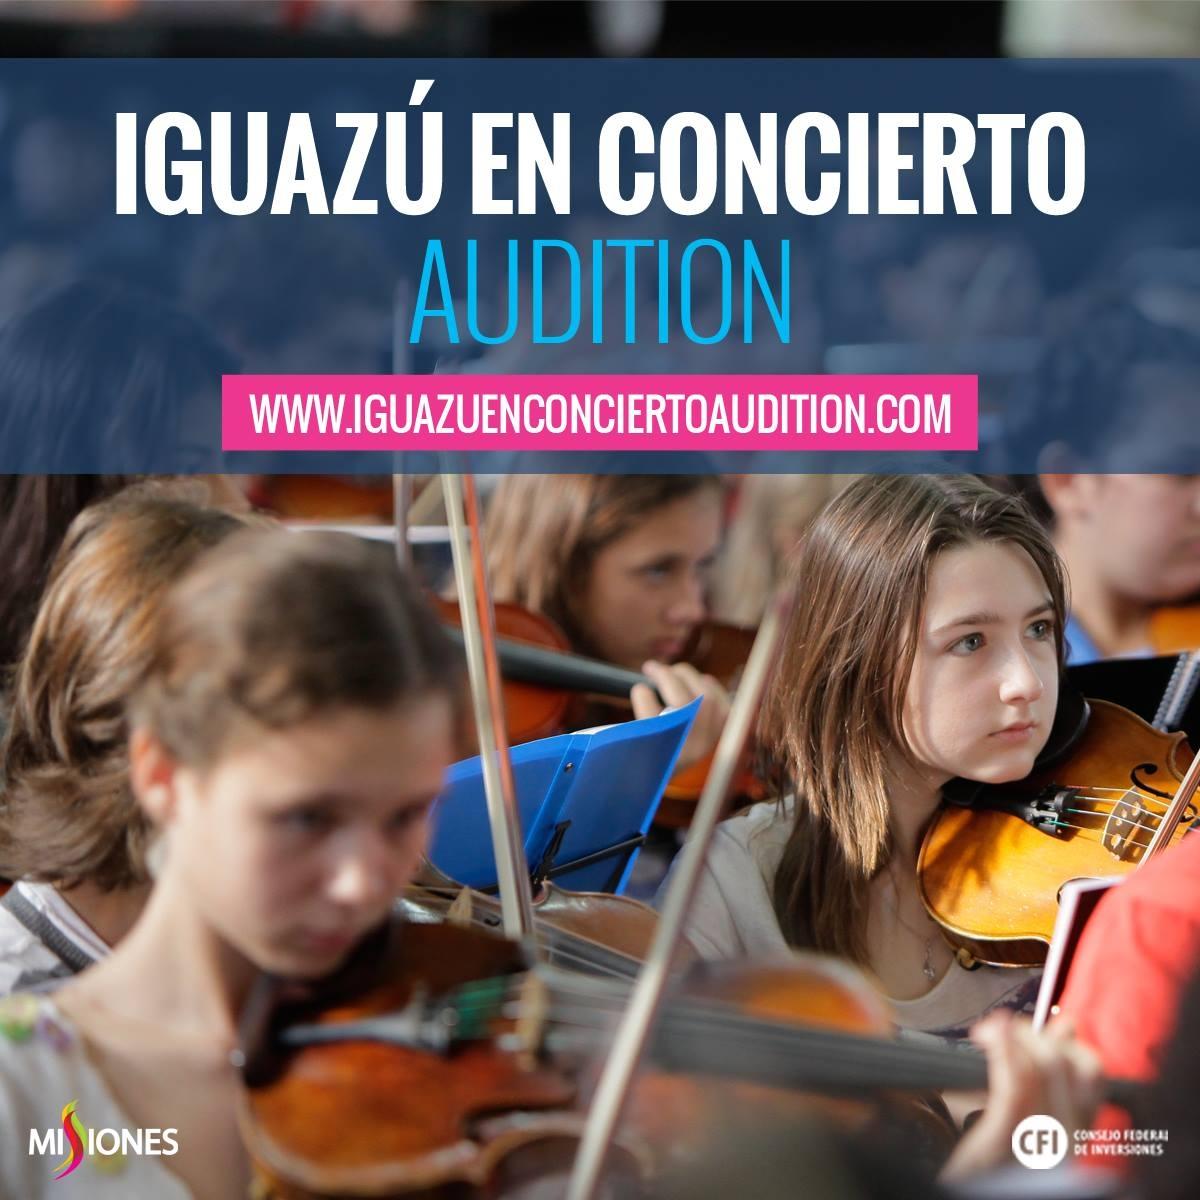 Iguazú en Concierto Audition se extiende un día más